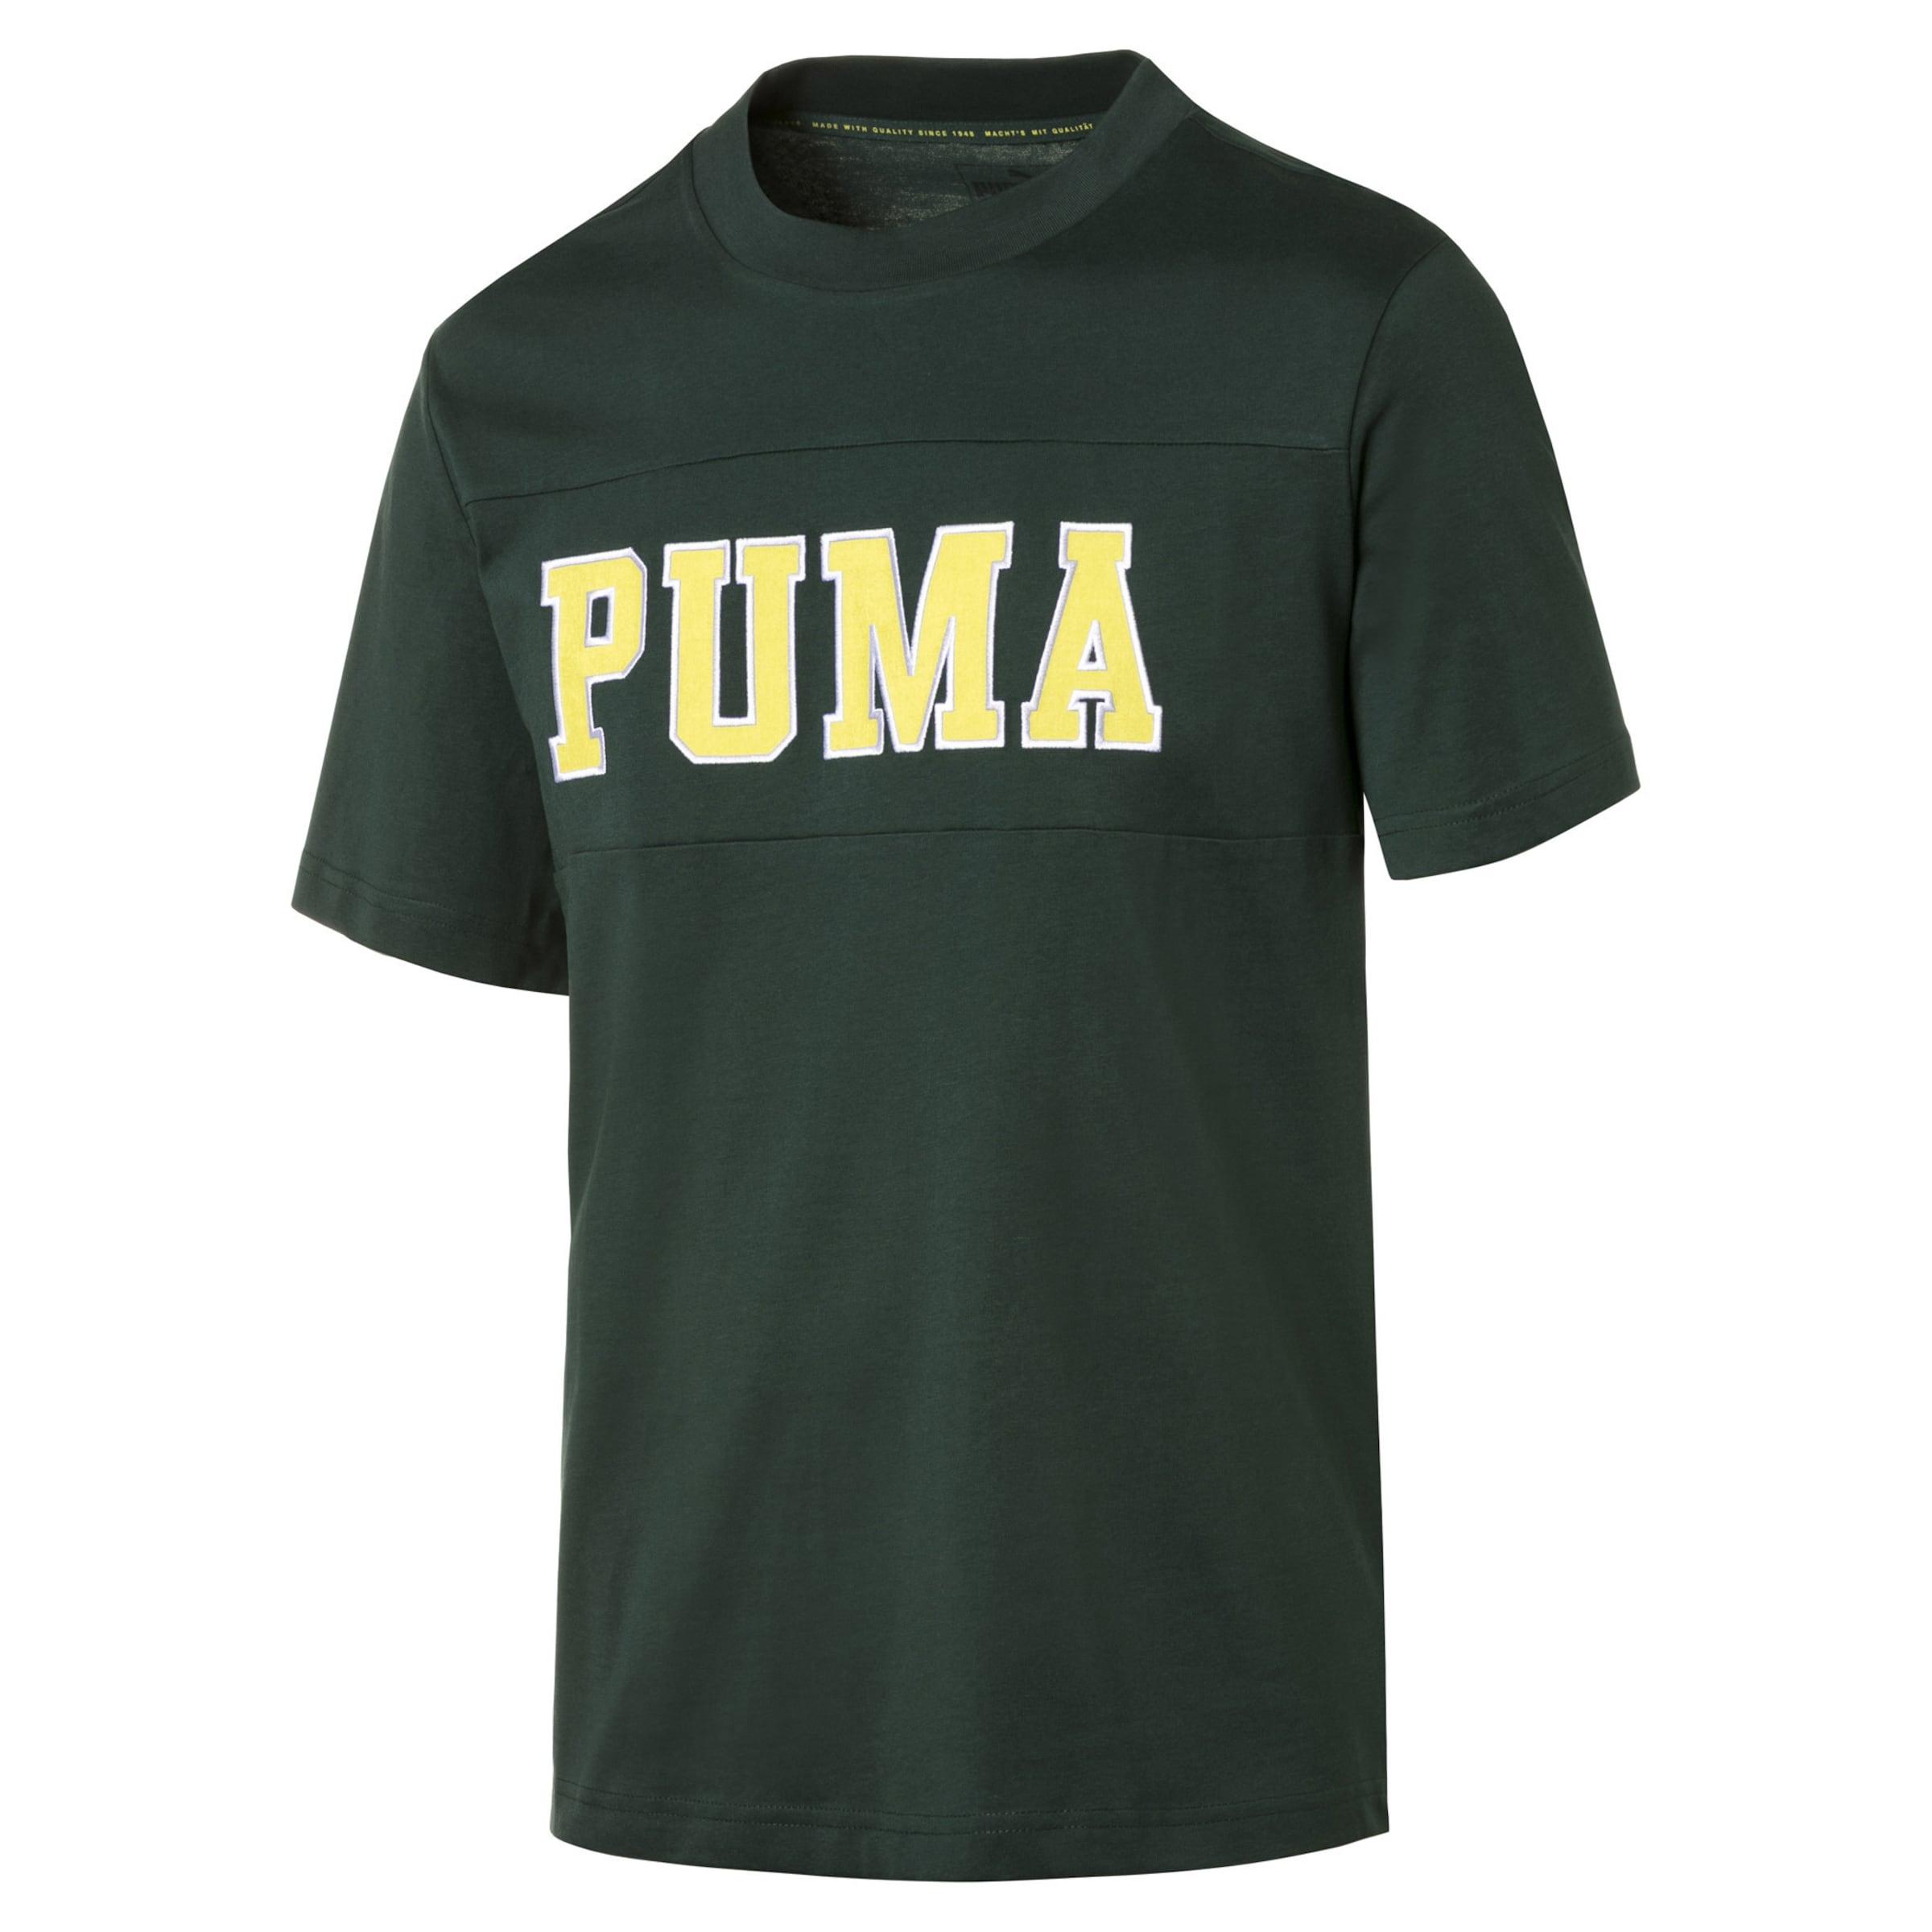 In Puma T HellgelbTanne shirt f7gb6y